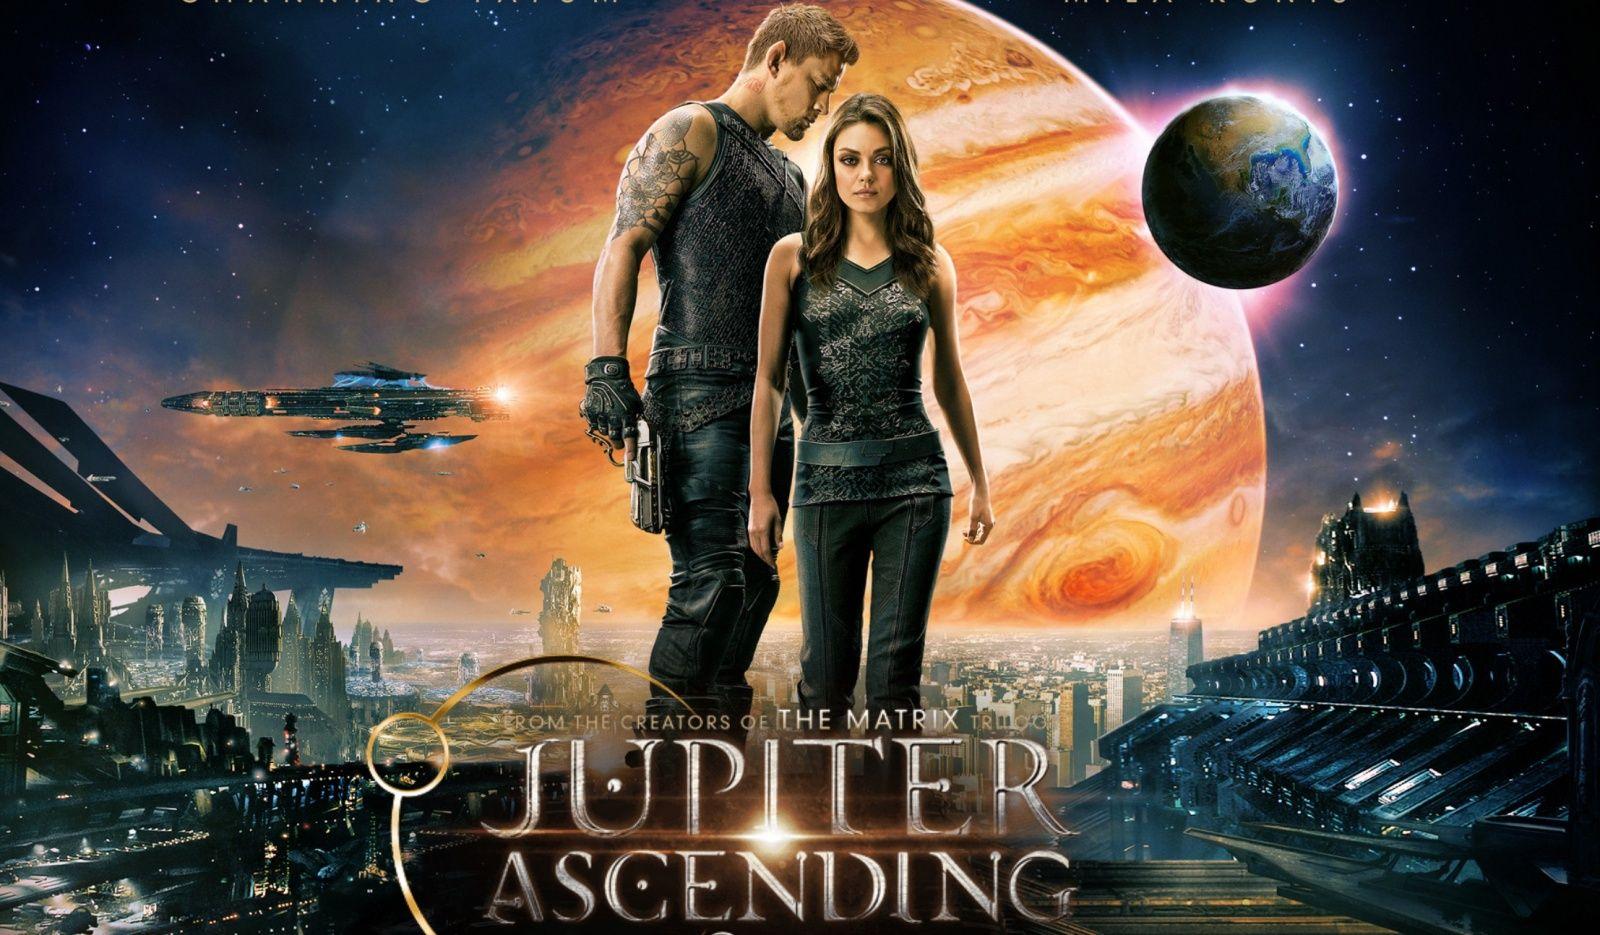 Jupiter Ascending, bộ phim bom tấn thuộc thể loại phim viễn tưởng hứa hẹn gây bão phòng vé 2015